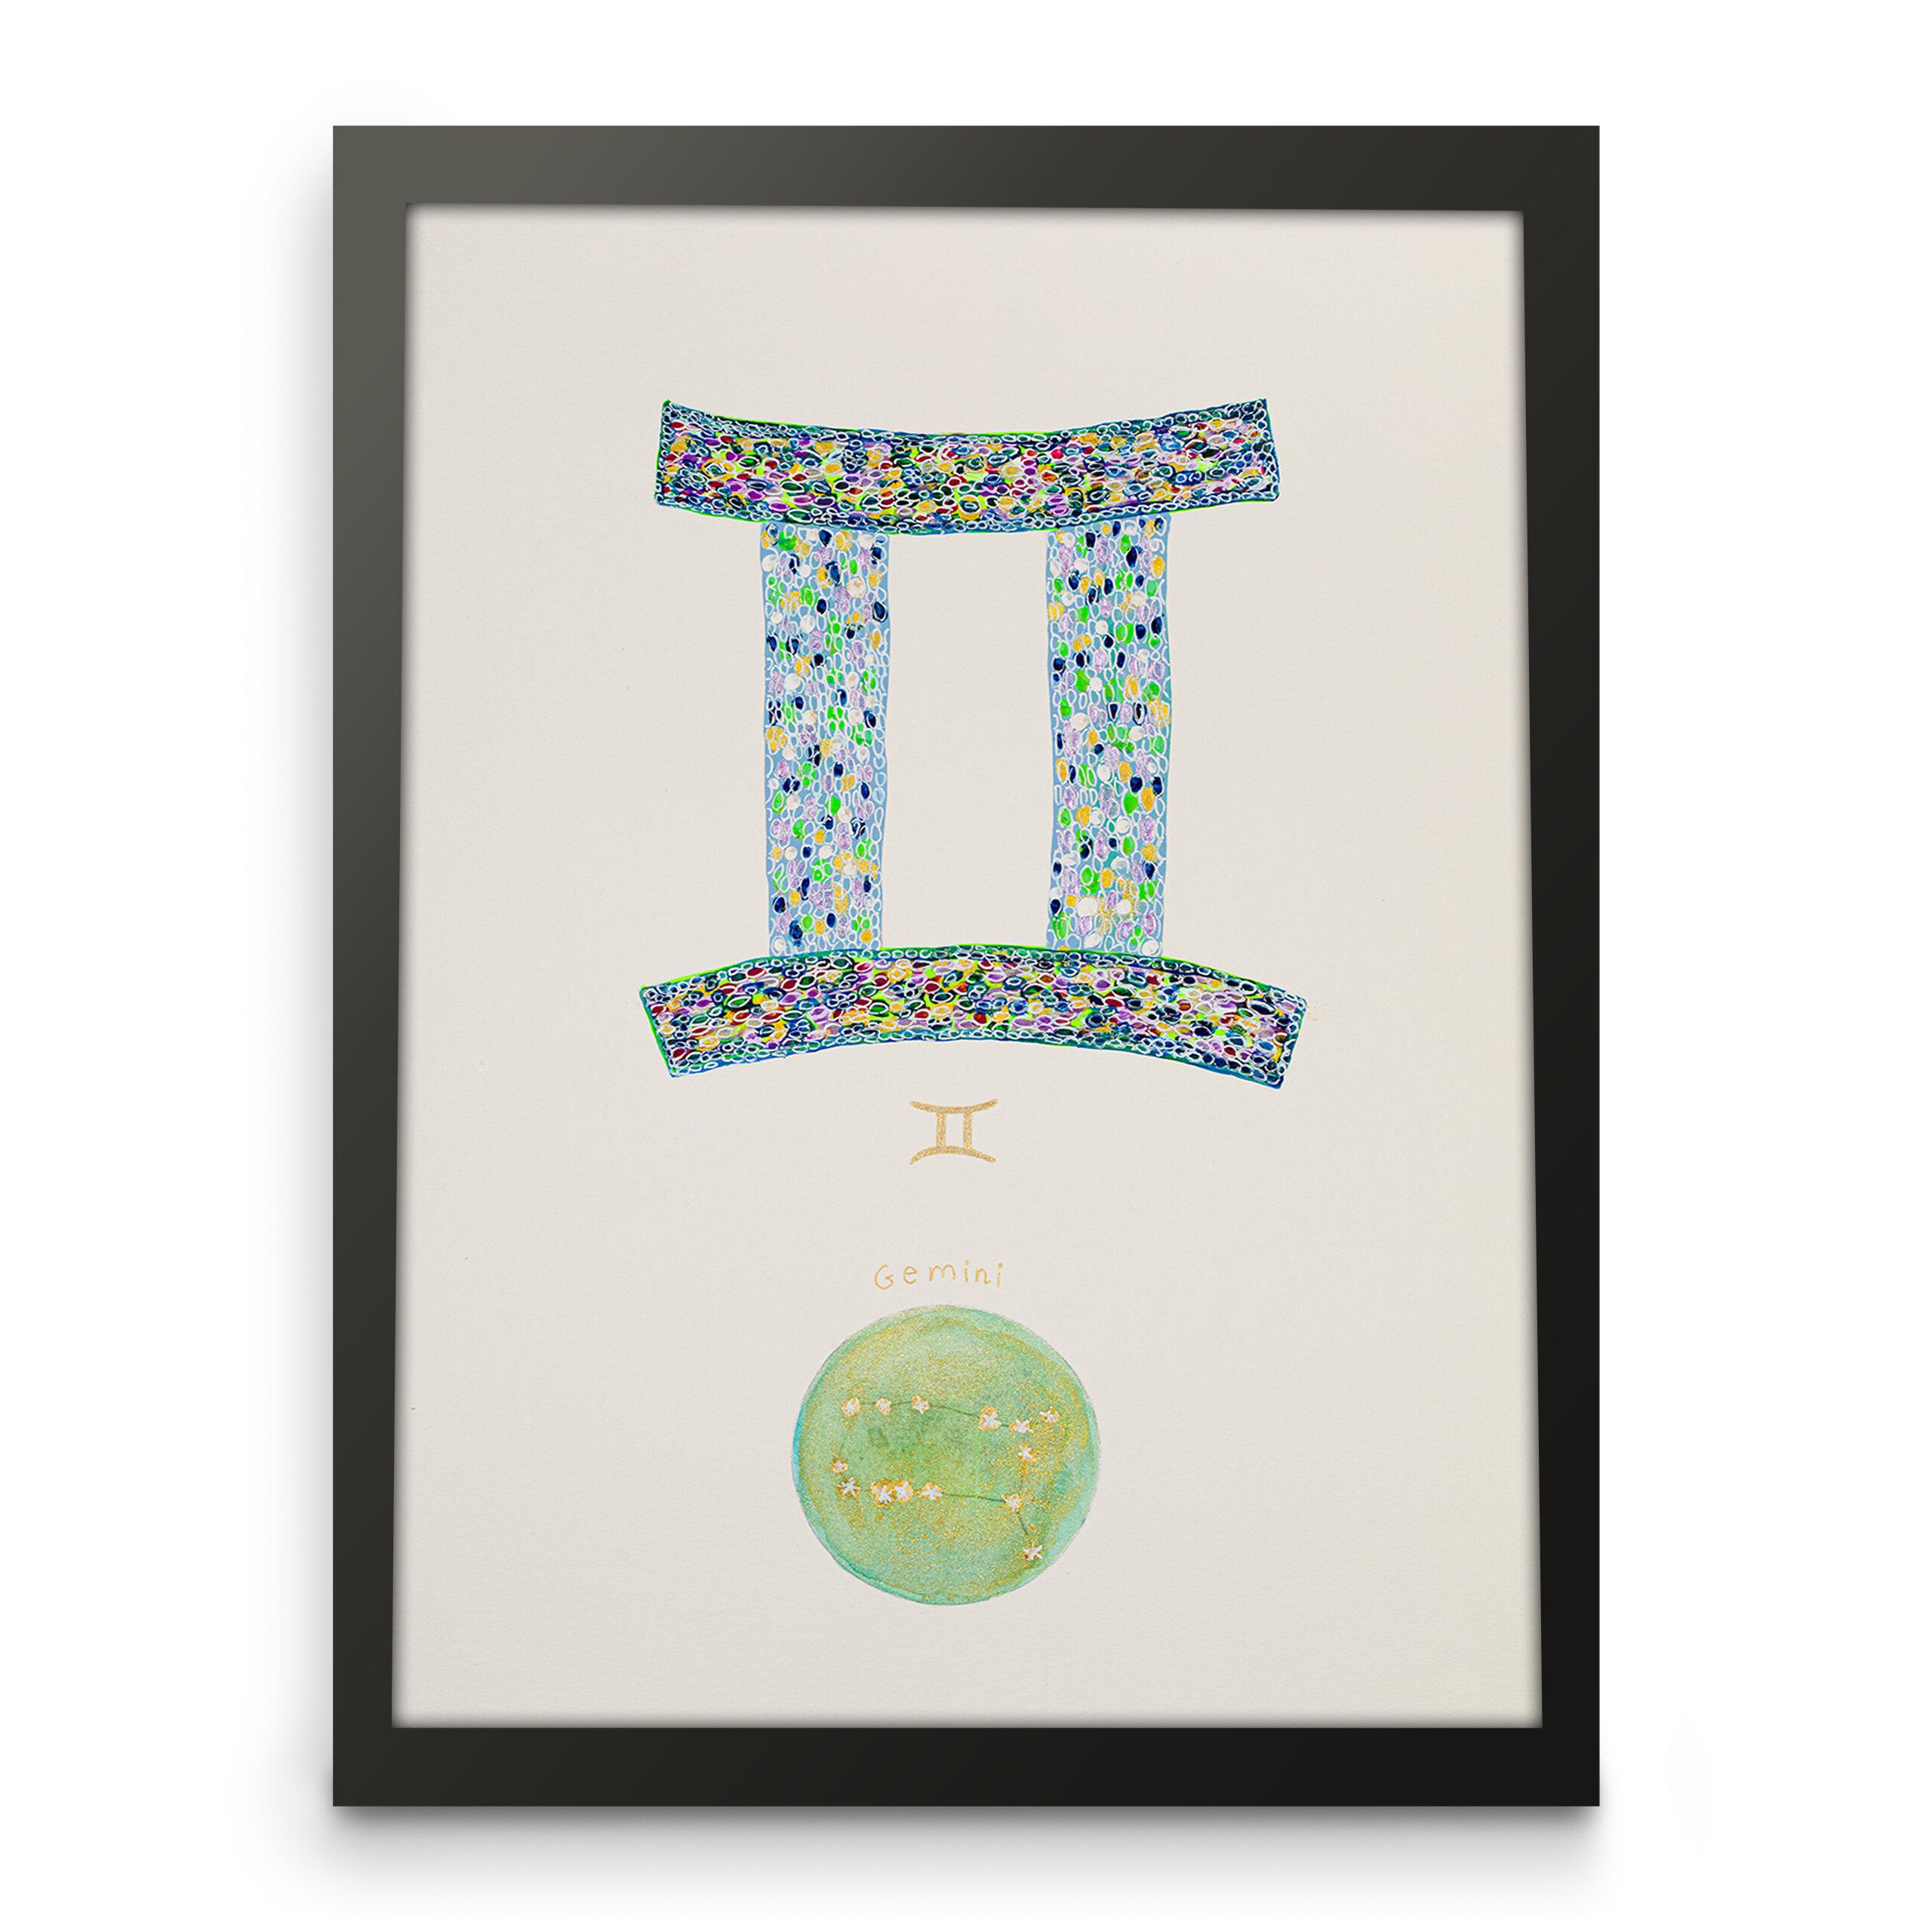 Gemini zodiac art, Astrological sign art, Horoscope art, Framed art front view